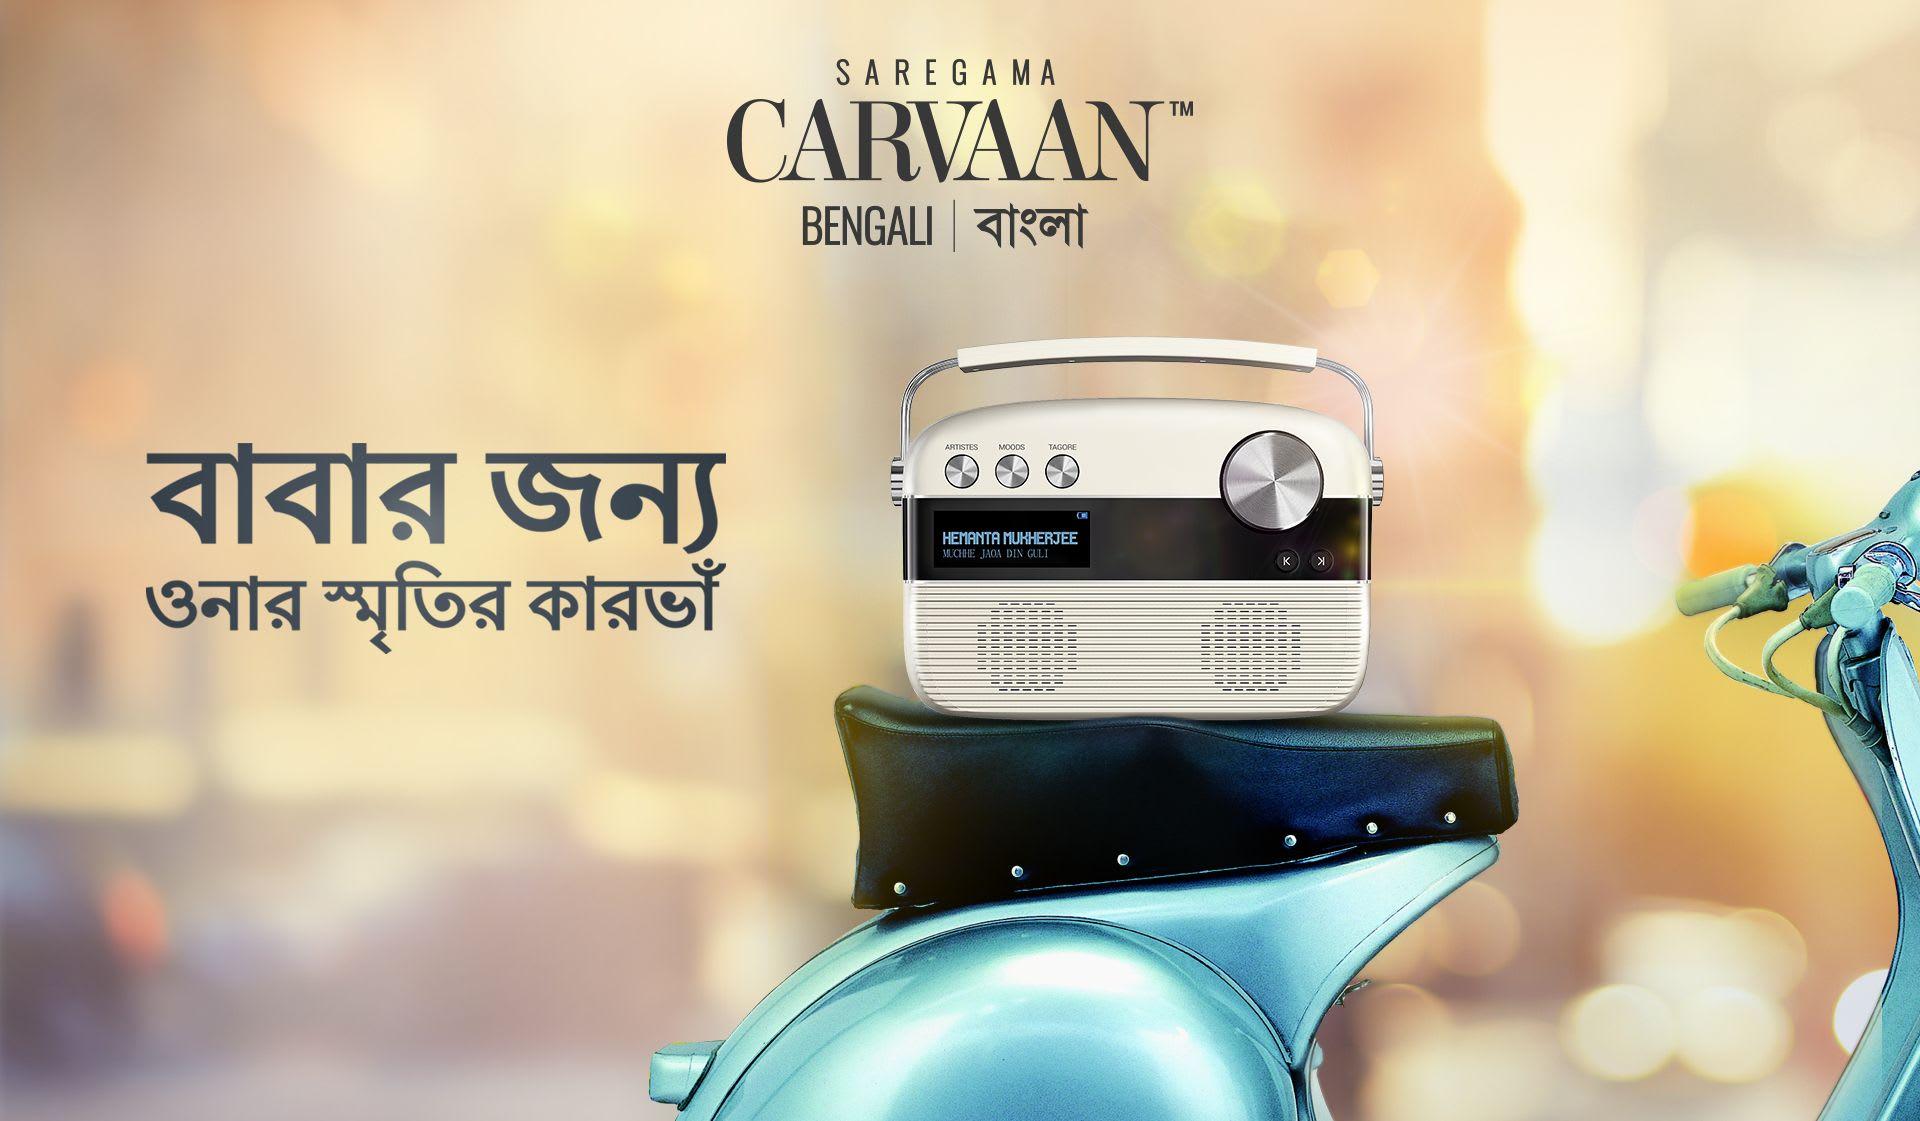 saregama carvaan bengali